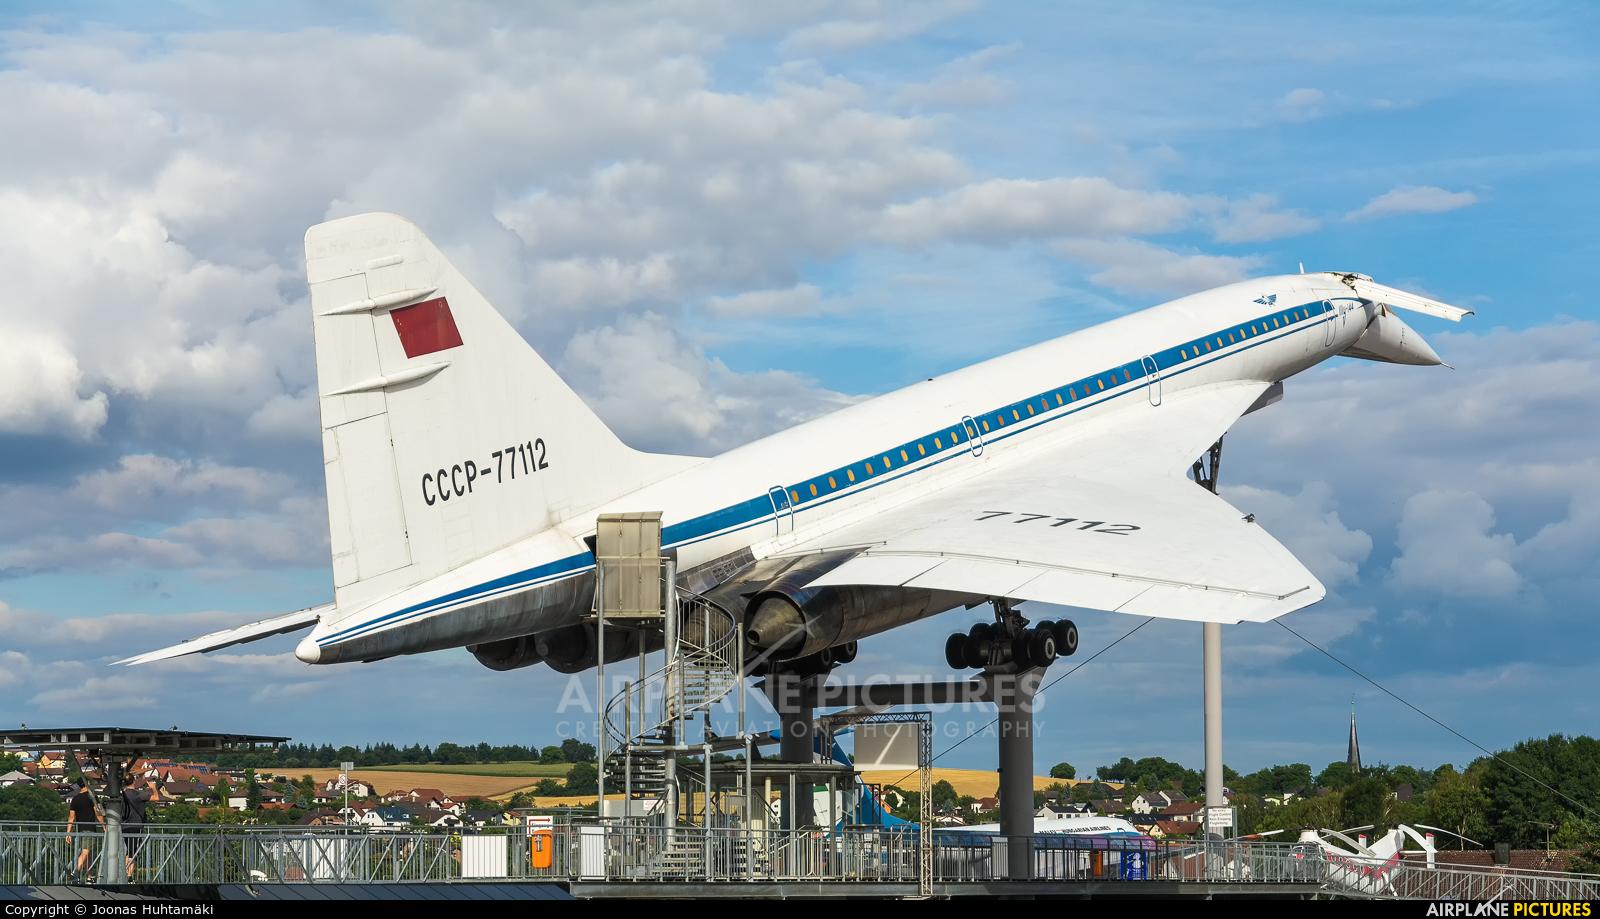 Aeroflot CCCP-77112 aircraft at Sinsheim, Auto & Technik Museum